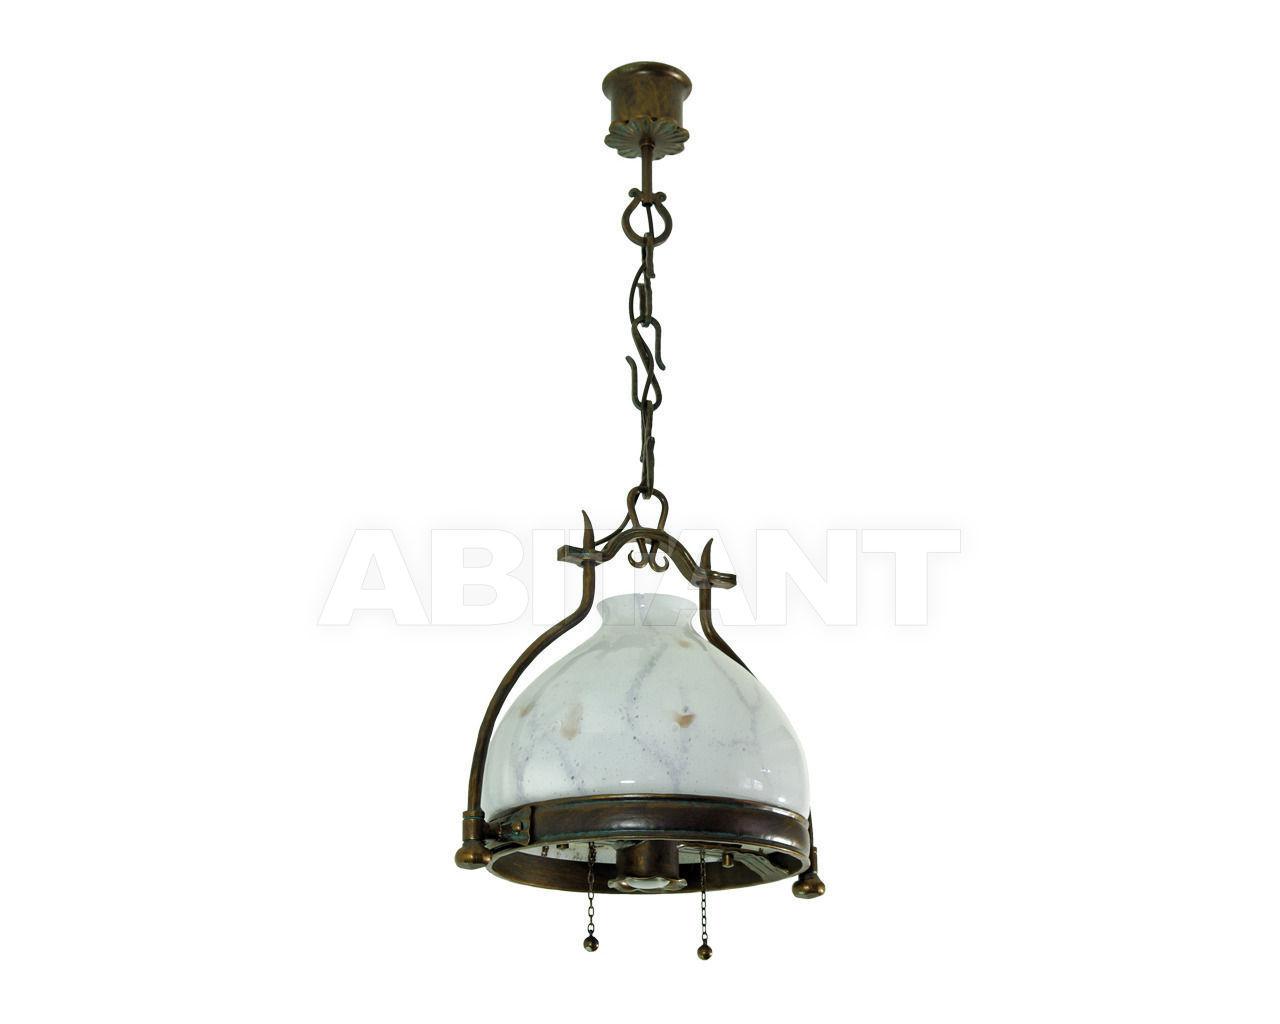 Купить Светильник FMB Leuchten Schmiedeeisen Lampen Und Leuchten 94113